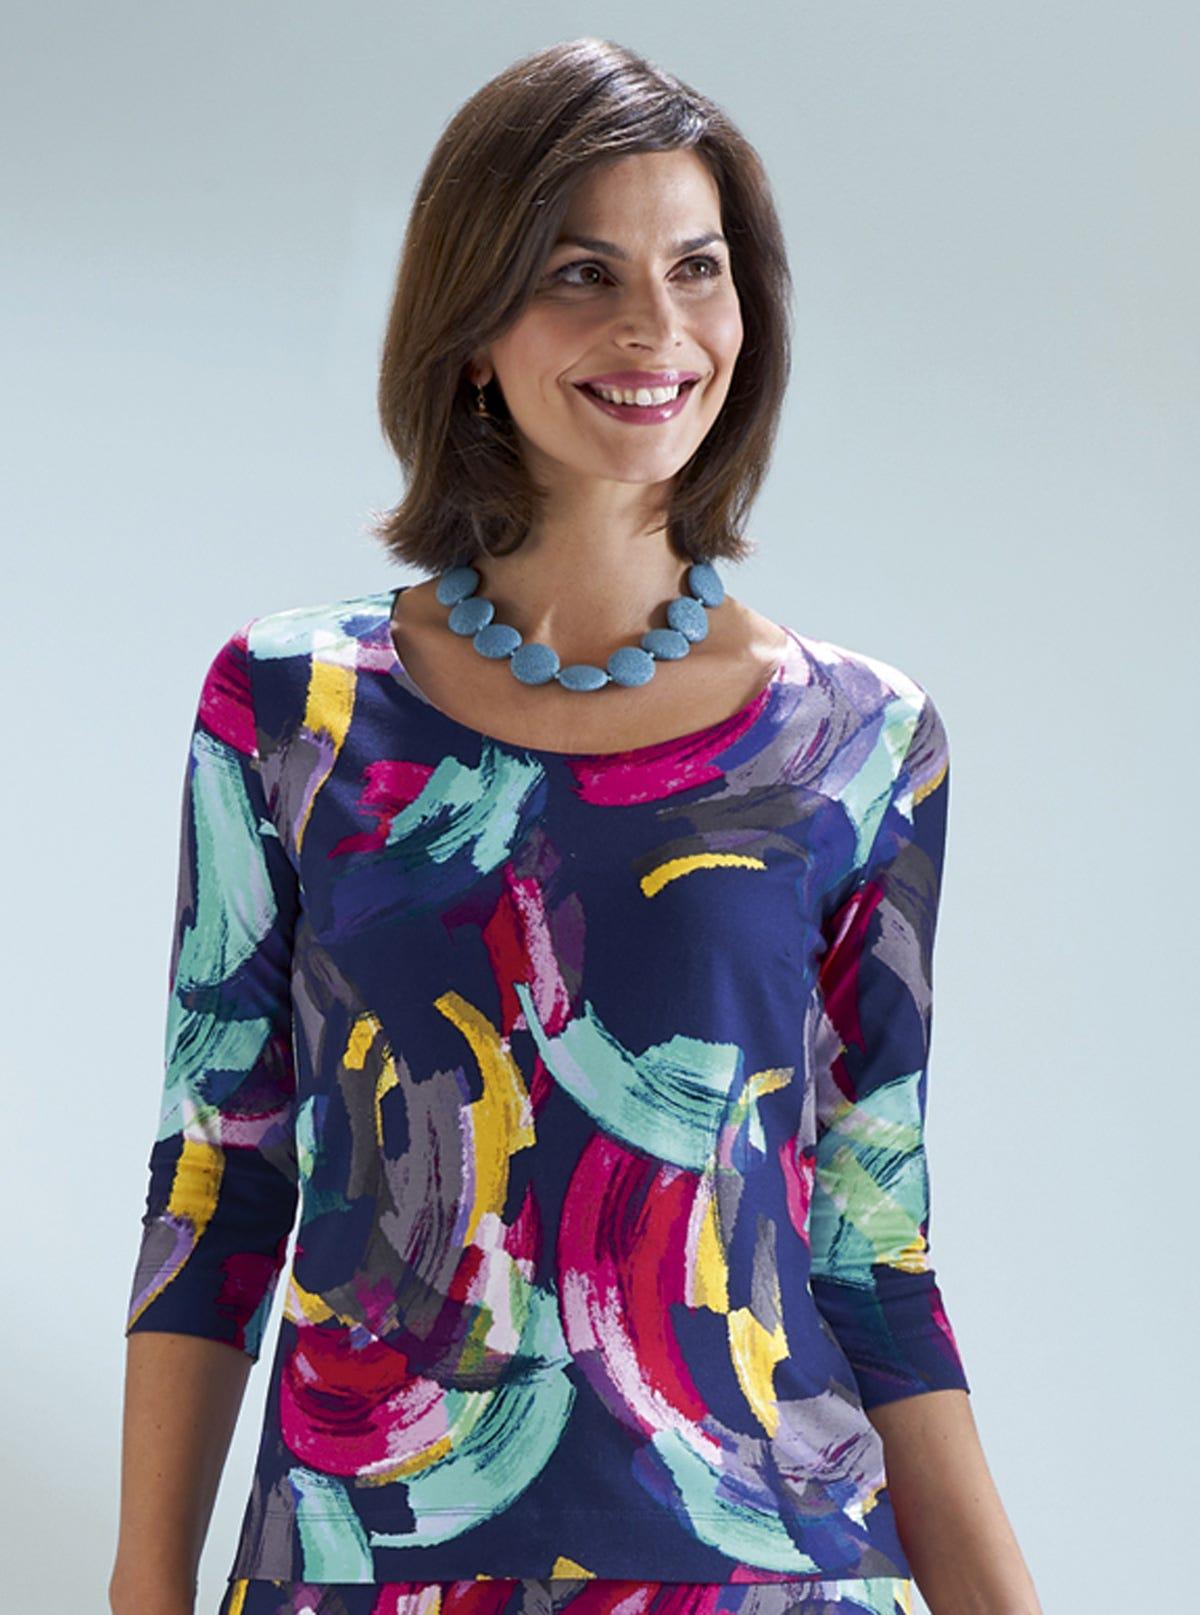 d049361f13 Soft Jersey Top - Soft Stylish Jersey - Womenswear